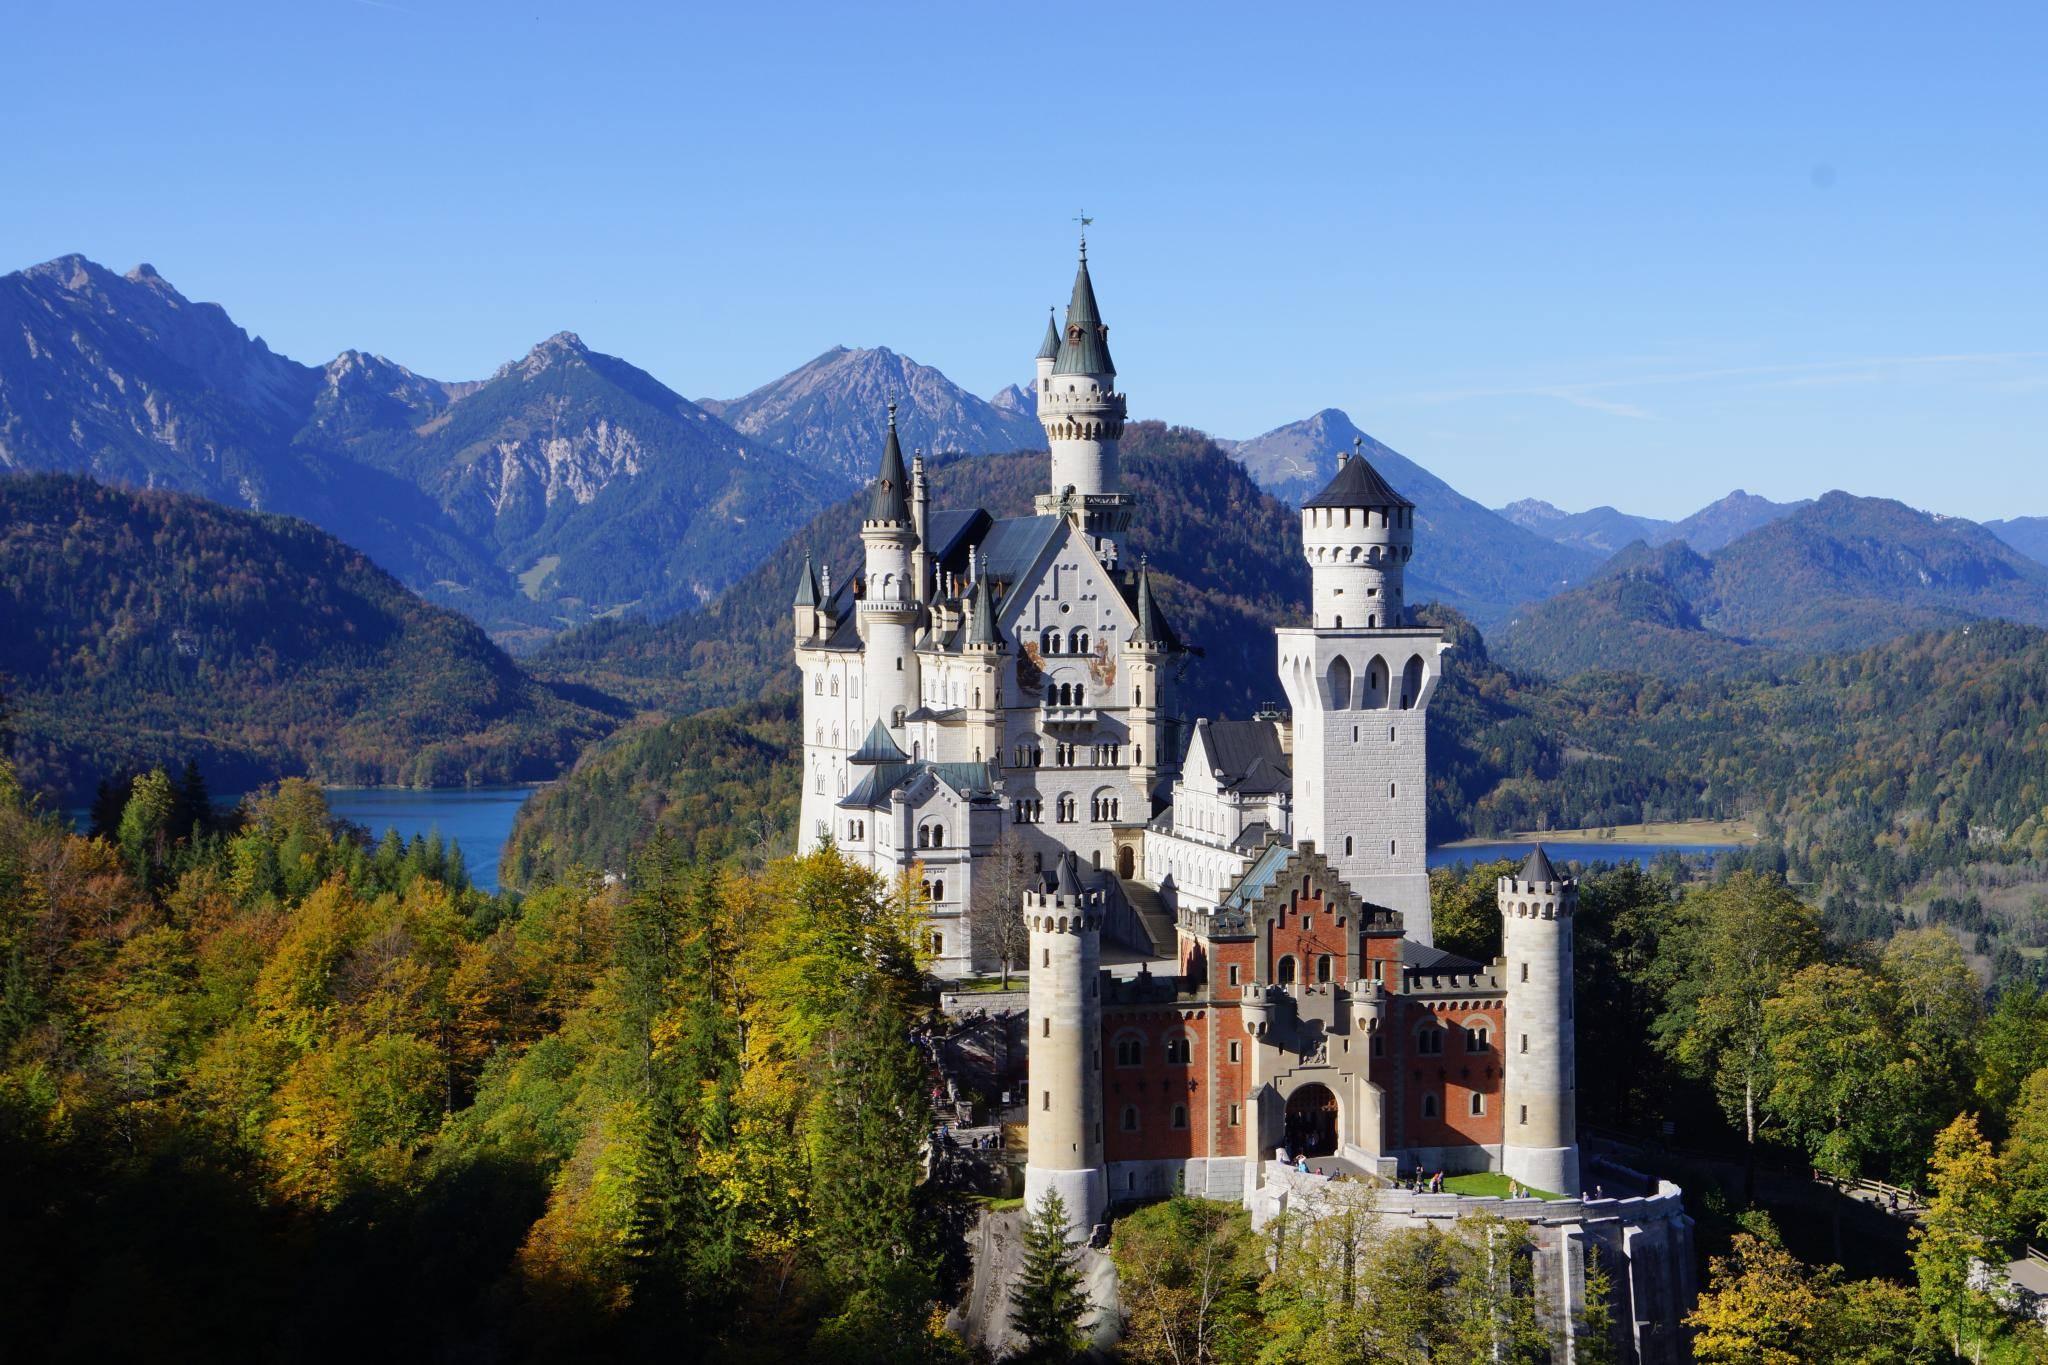 Замок нойшванштайн в германии — история, фото, как добраться, что внутри — плейсмент